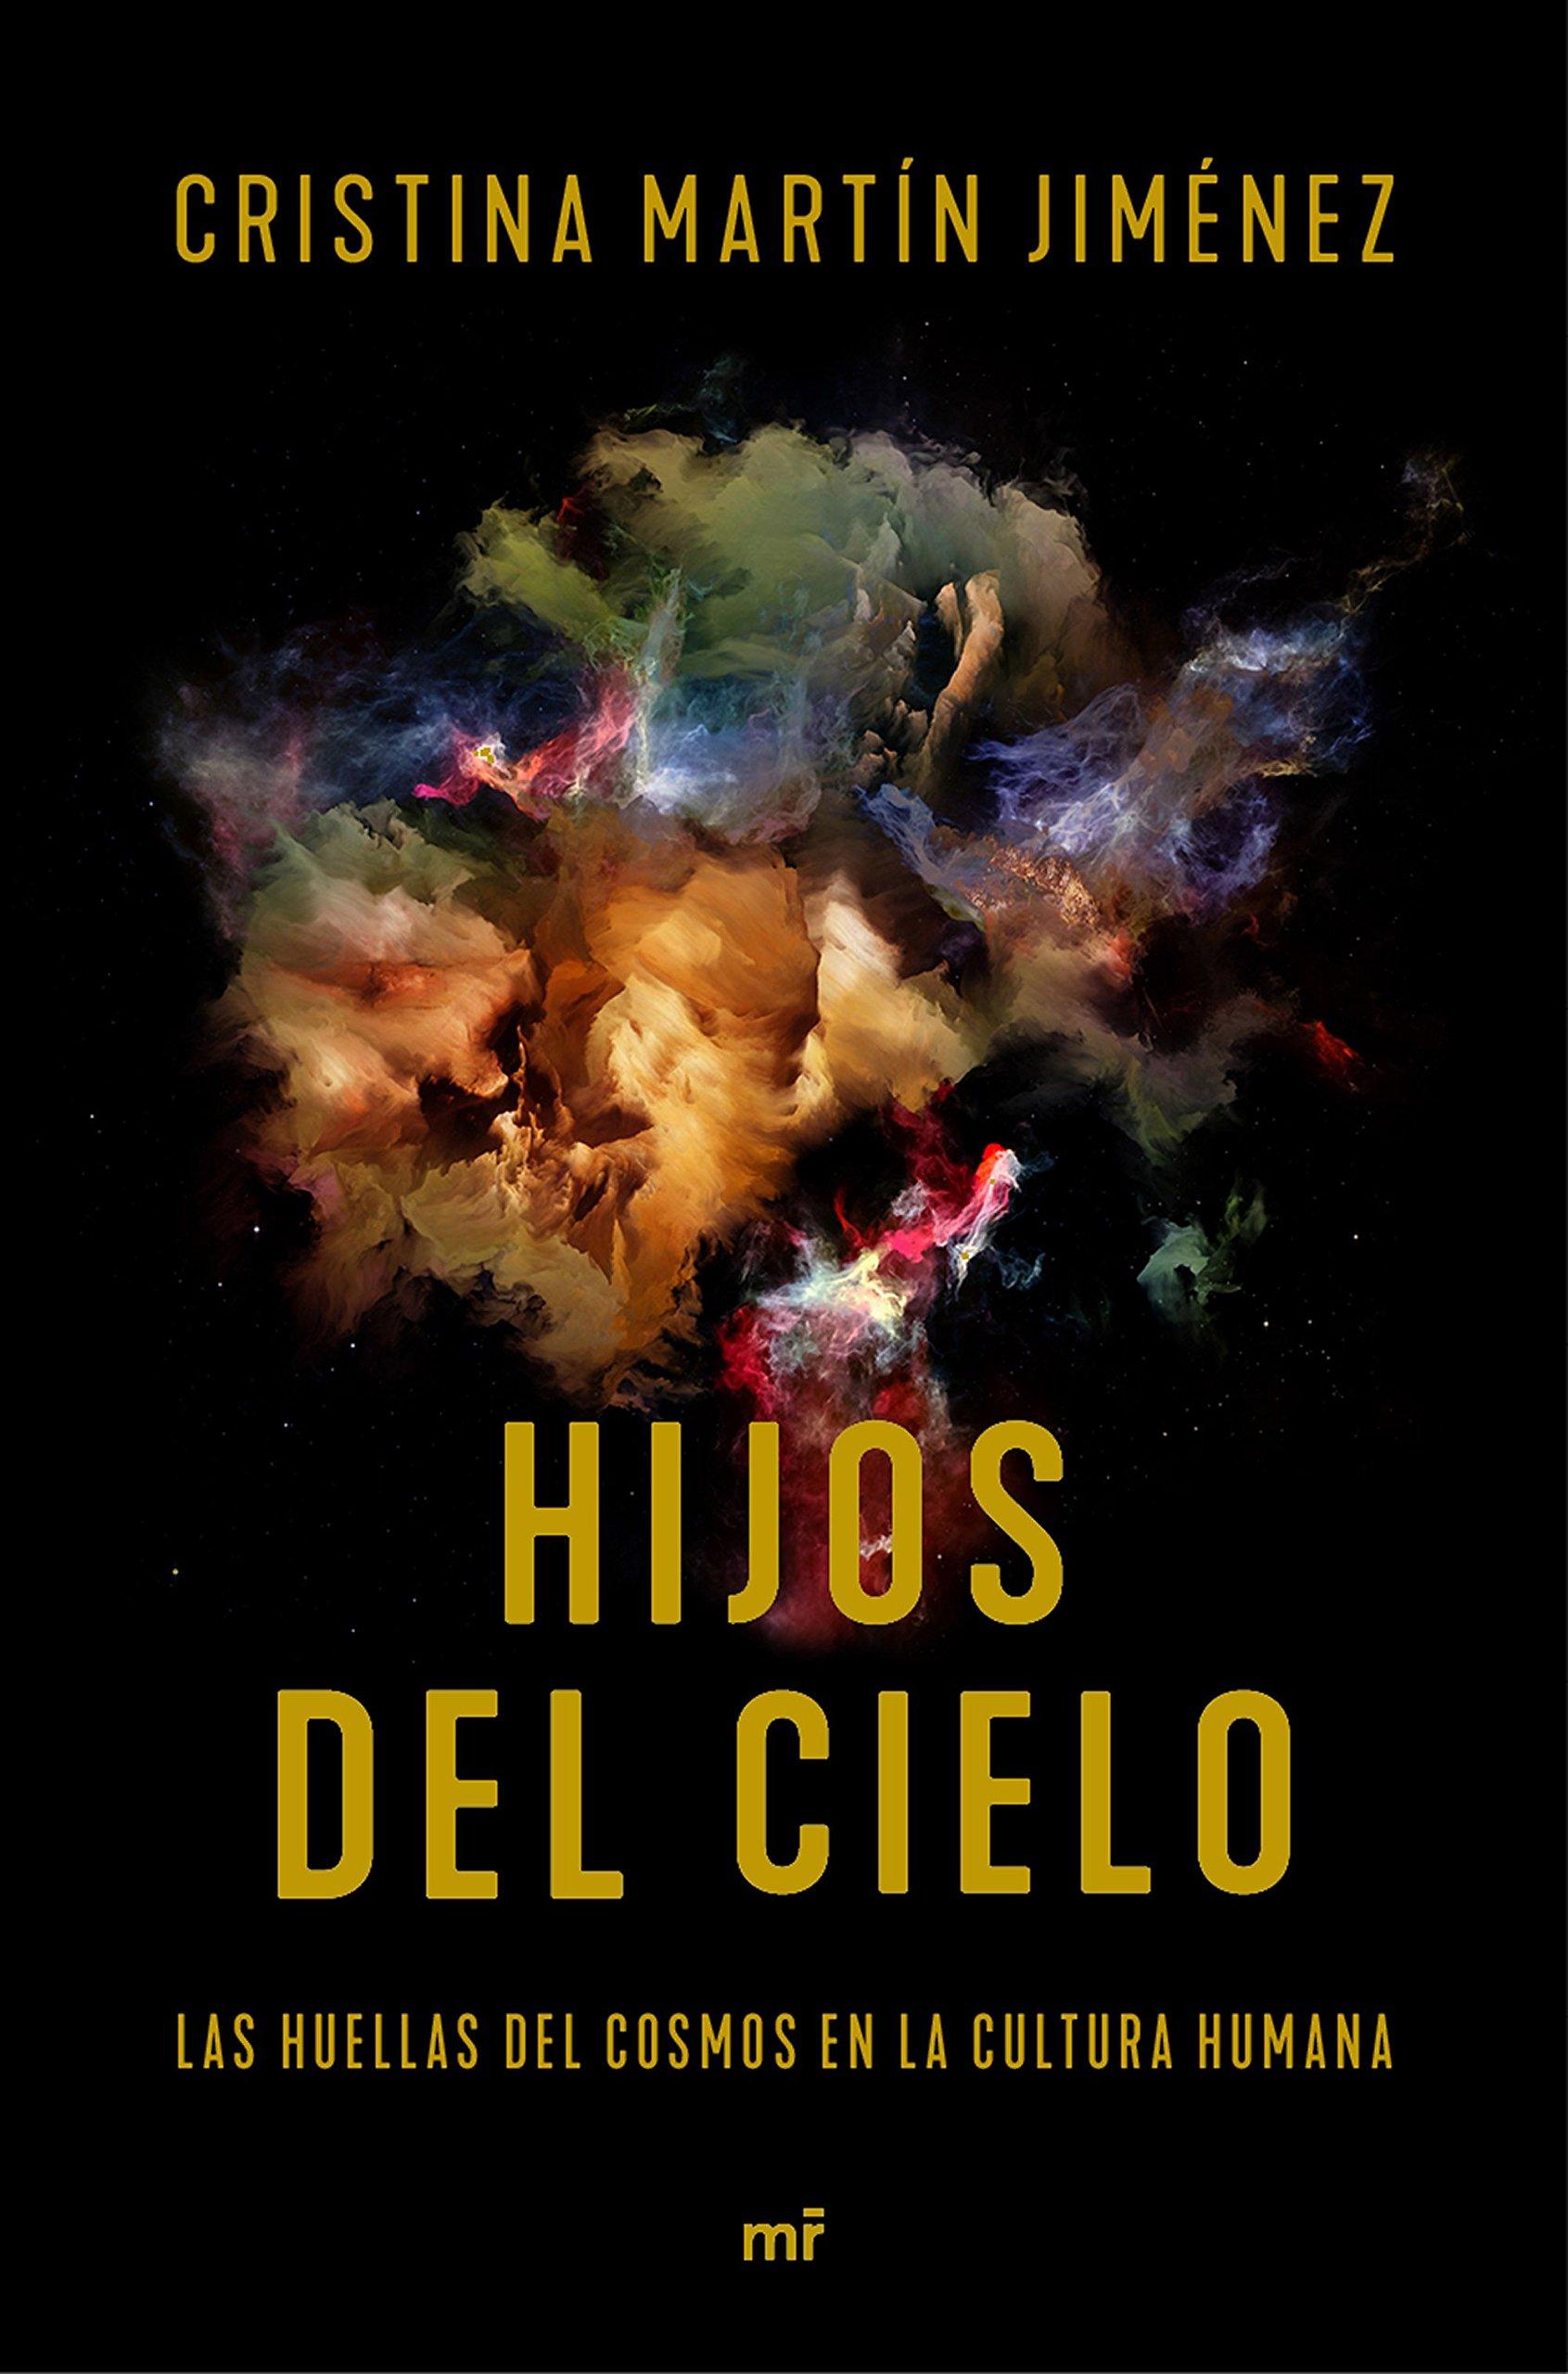 Hijos del cielo: Las huellas del cosmos en la cultura humana Fuera de Colección: Amazon.es: Martín Jiménez, Cristina: Libros